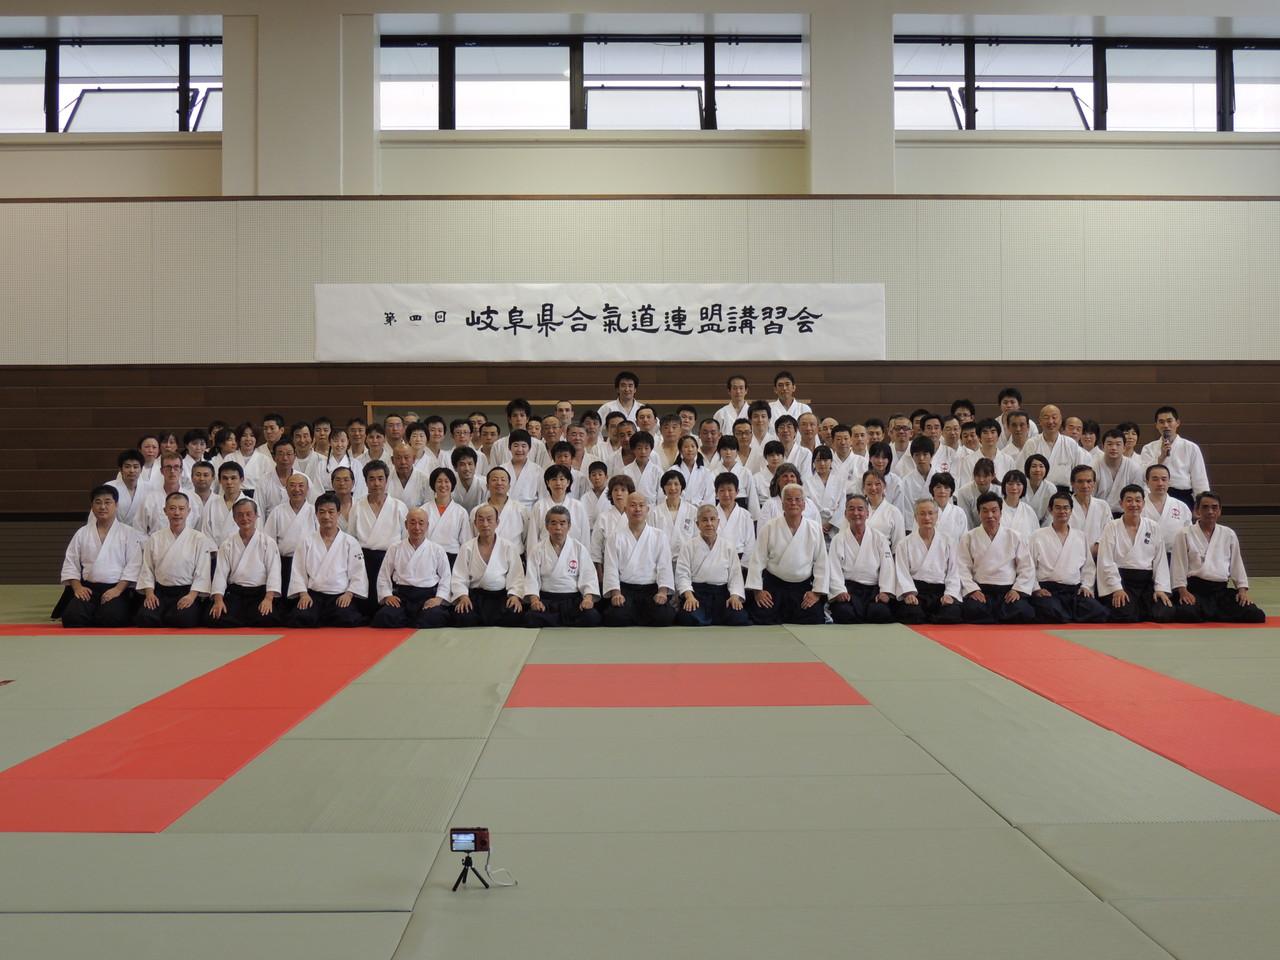 愛知、富山、福井、静岡、大阪からも多数の参加をいただきました。 ありがとうございます。